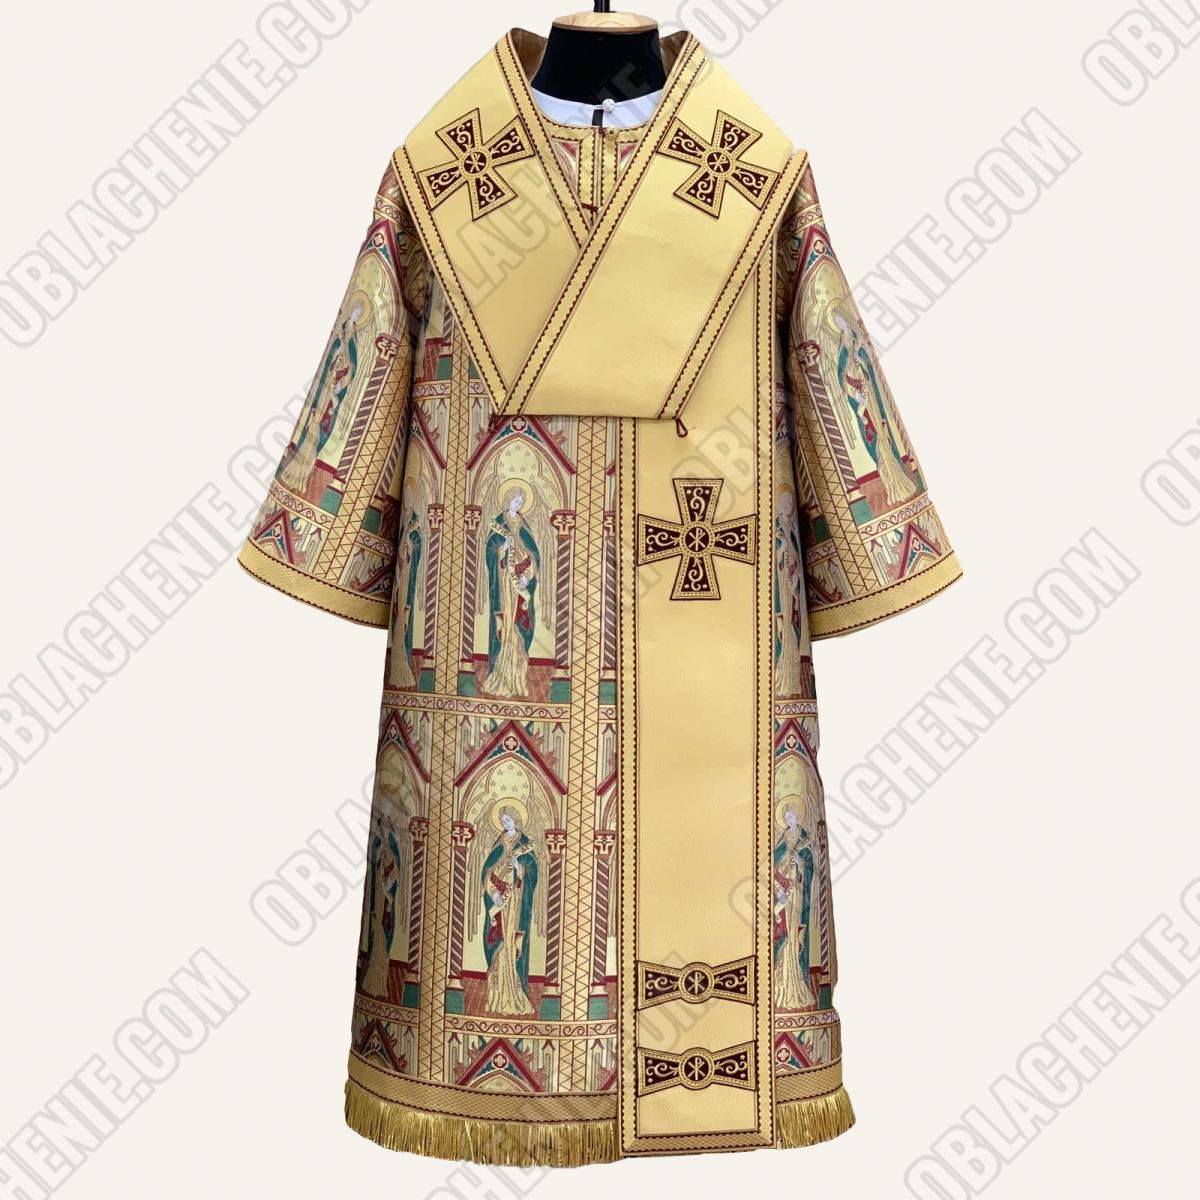 Bishop's vestments 11536